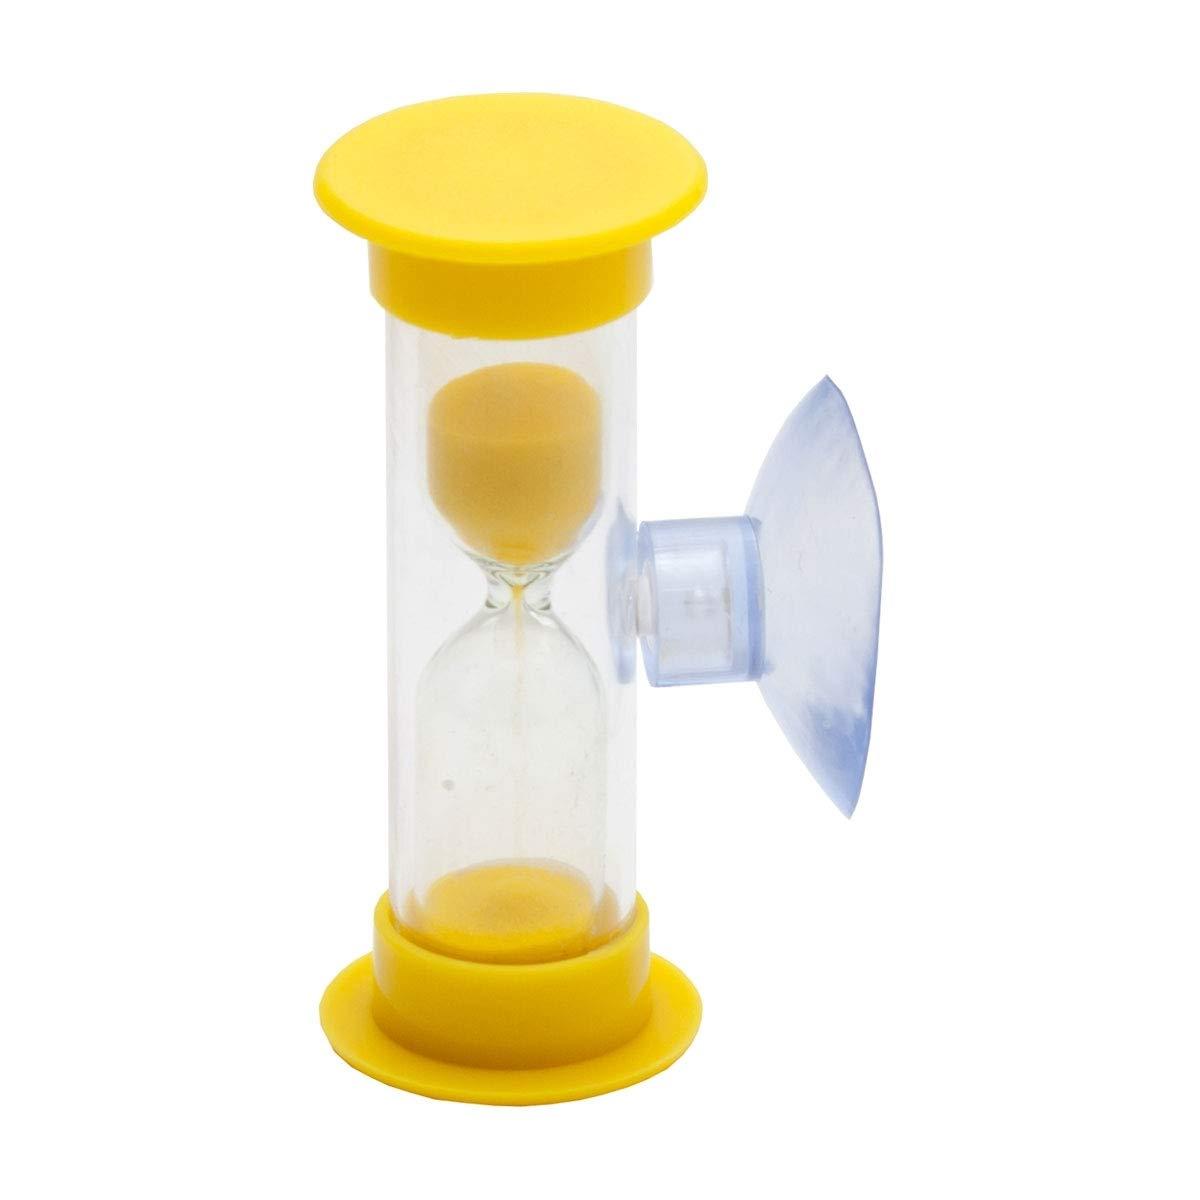 Lantelme 6831 Lot de 4 sabliers de protection dentaire 3 minutes avec t/étines pour vous et vos enfants Kit de famille dans les couleurs rose jaune vert et bleu